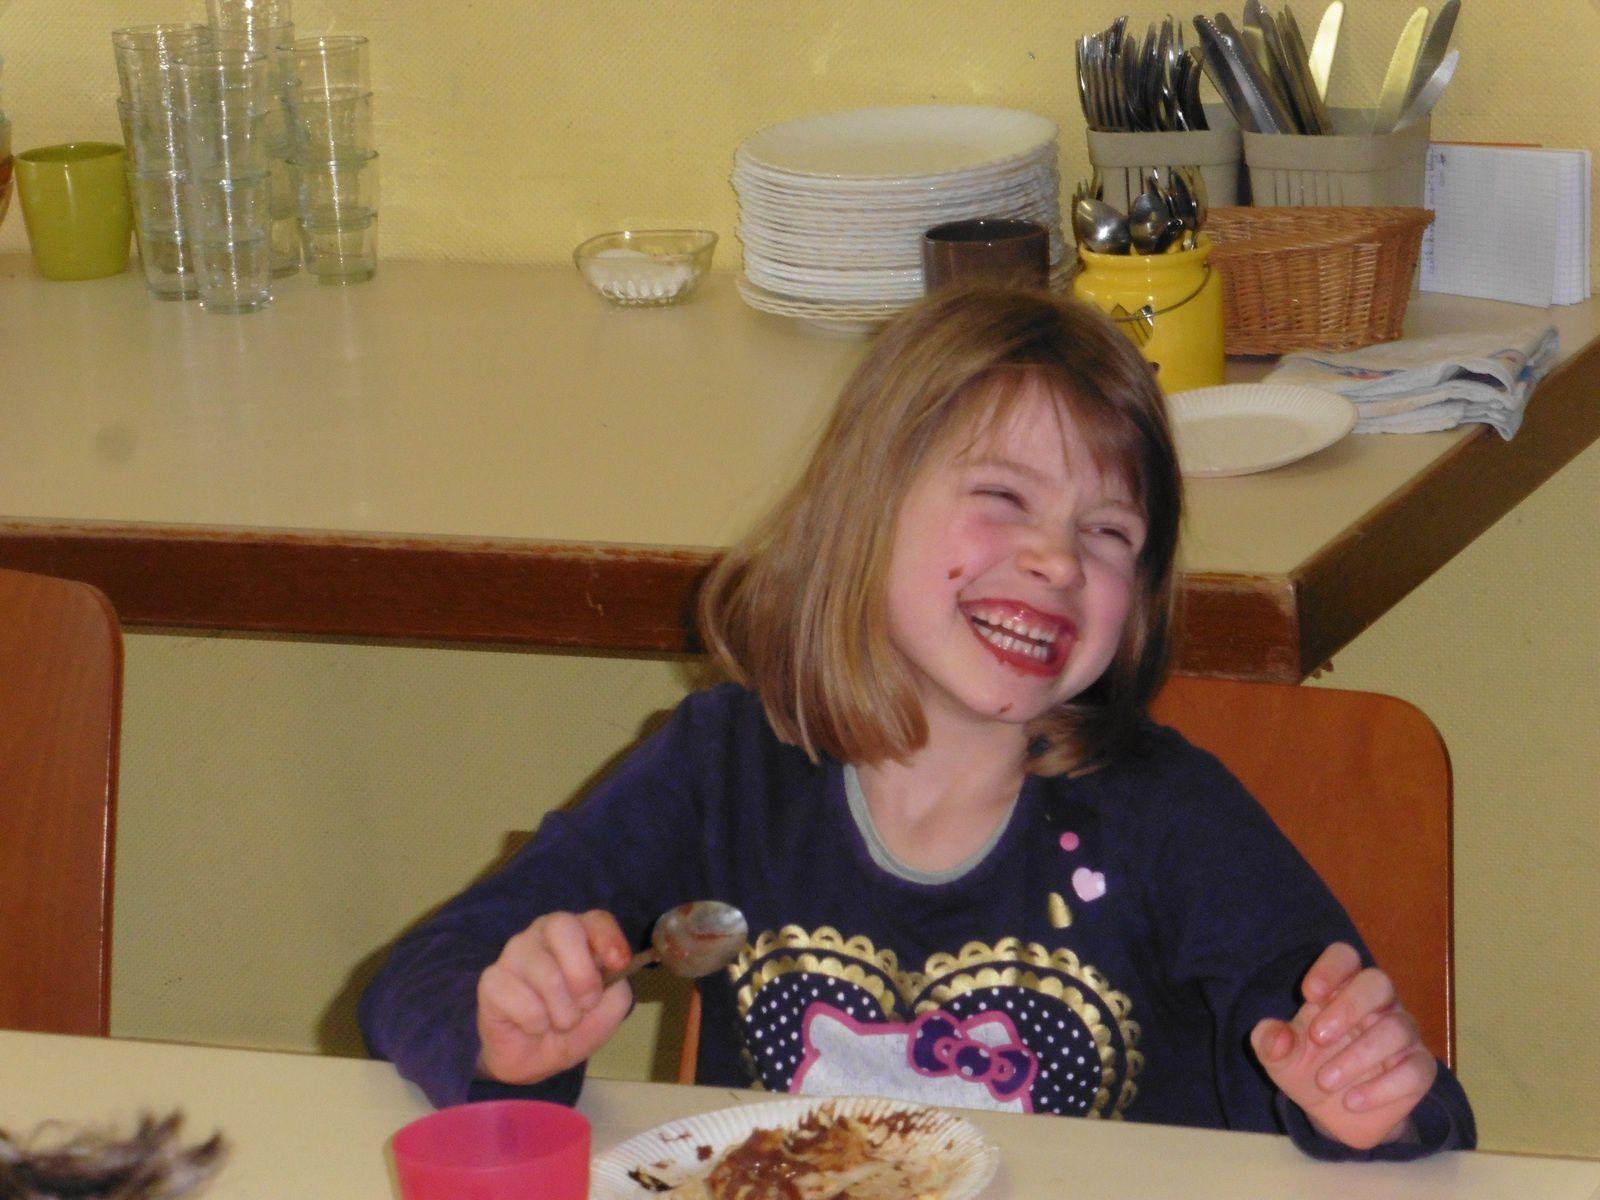 Pourquoi Shannah est-elle si heureuse??? Elle a gagné une barbie? Elle adore trop son goûter? Giovana a sorti une super blague?....